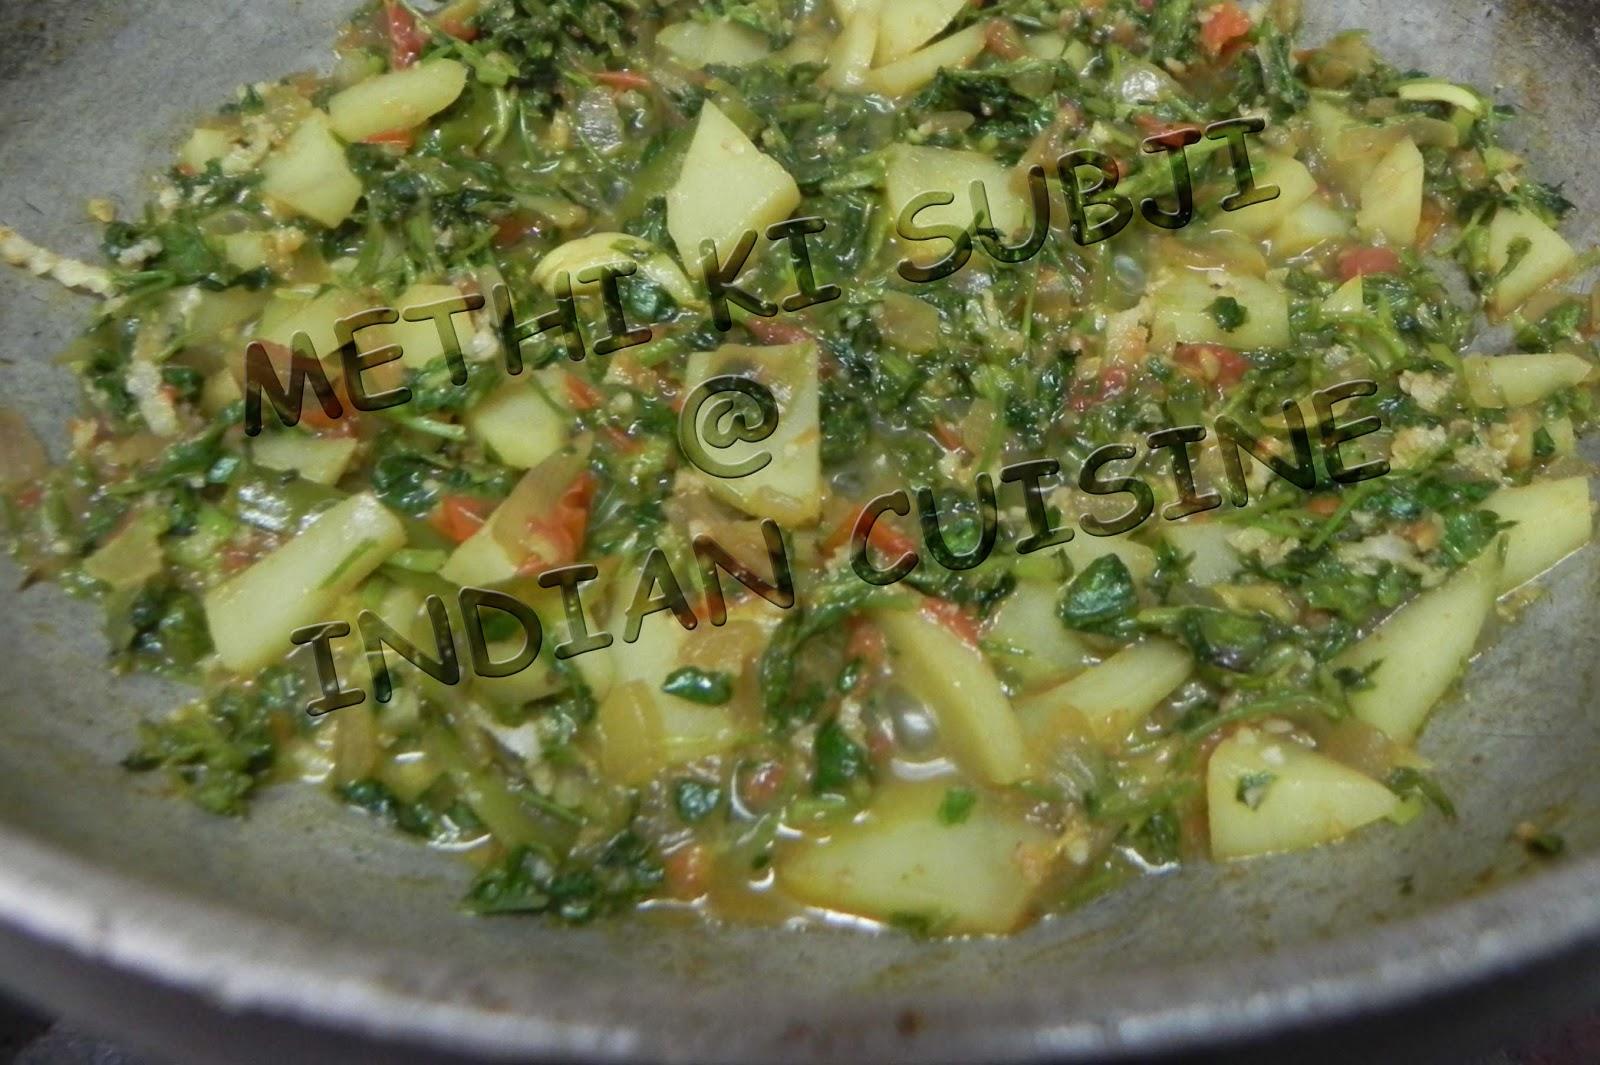 Methi ki sabzi methi bhaji delicious healthy home made indian methi ki sabzi methi bhaji forumfinder Image collections